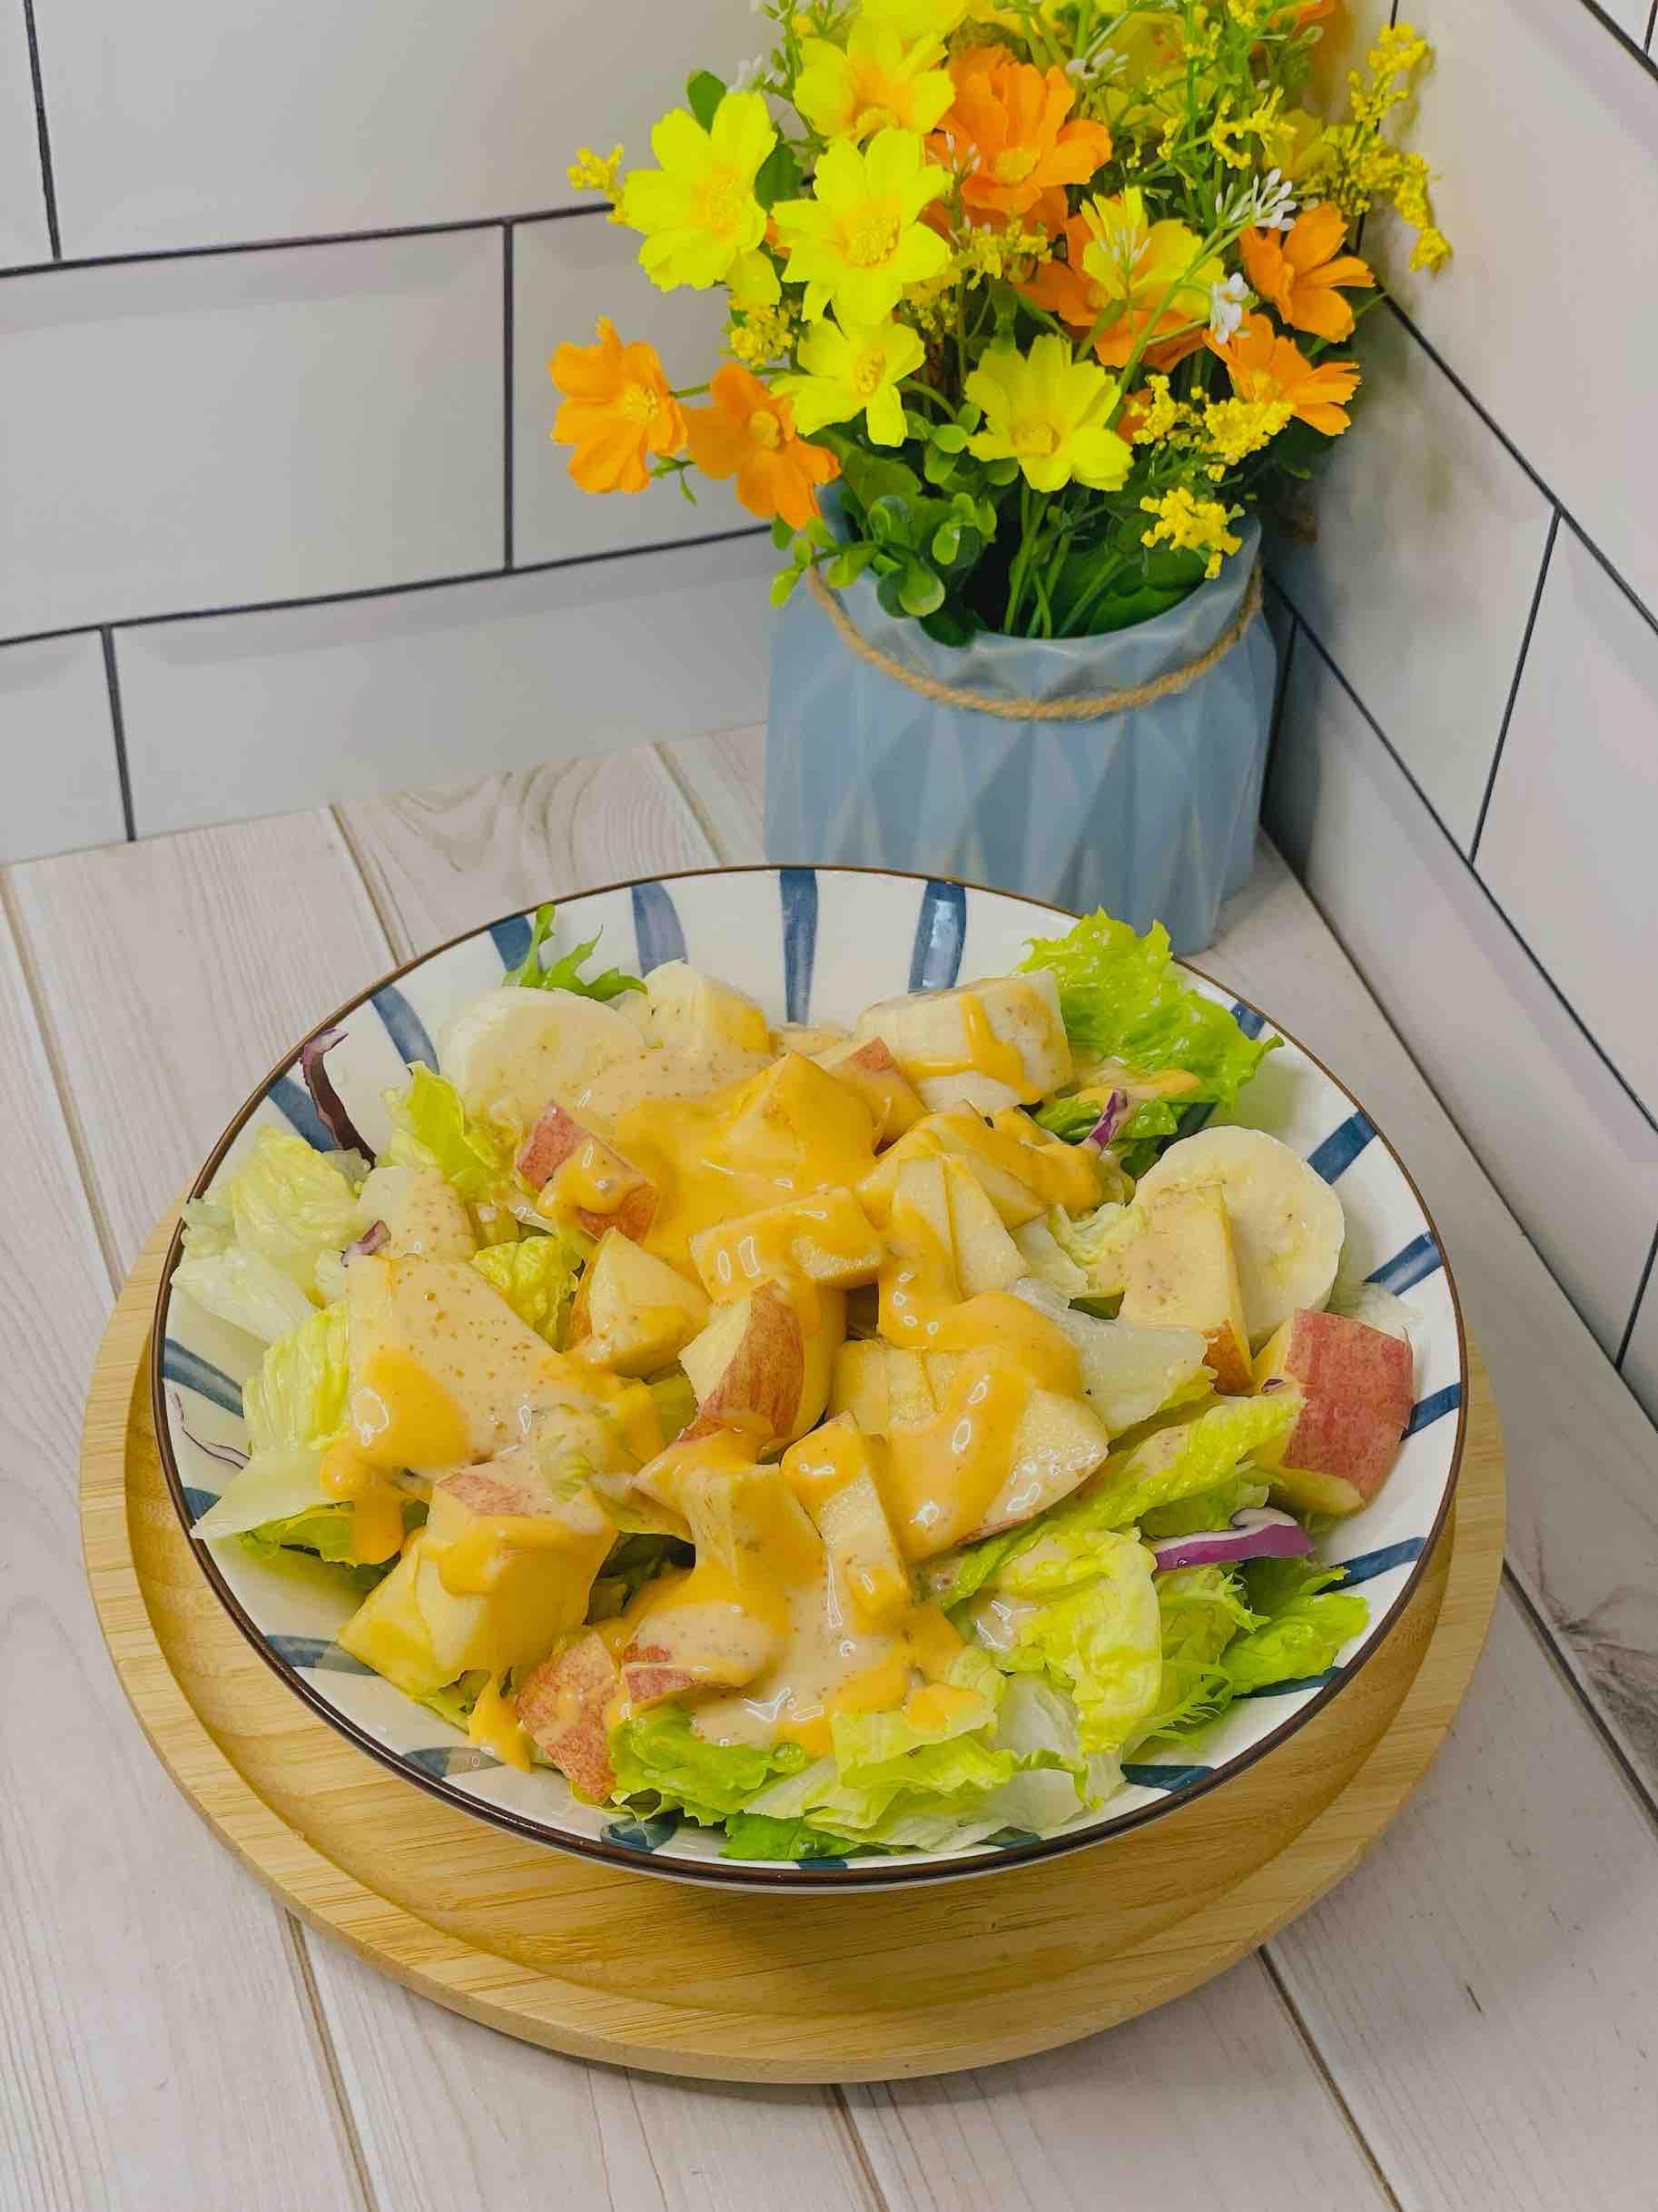 没看错,水果入菜,低卡生活,酸甜开胃,健康又美味成品图